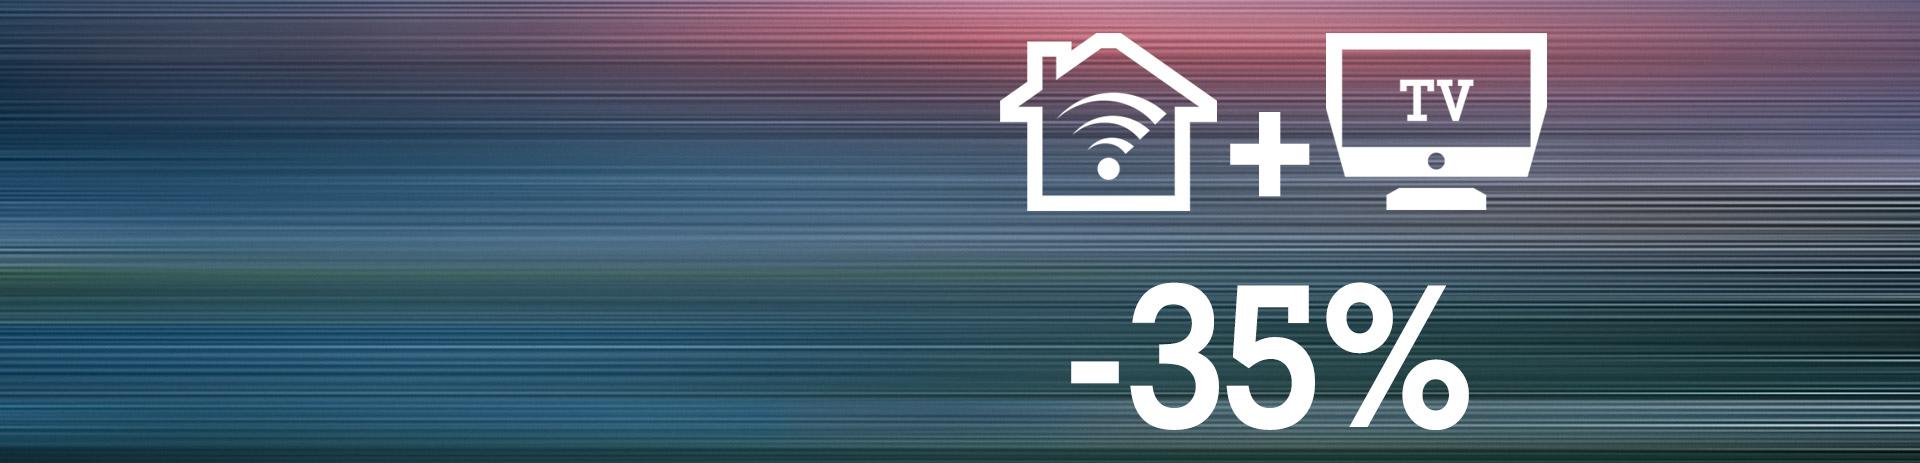 Internet 300 Mbit und TV 35% guenstiger